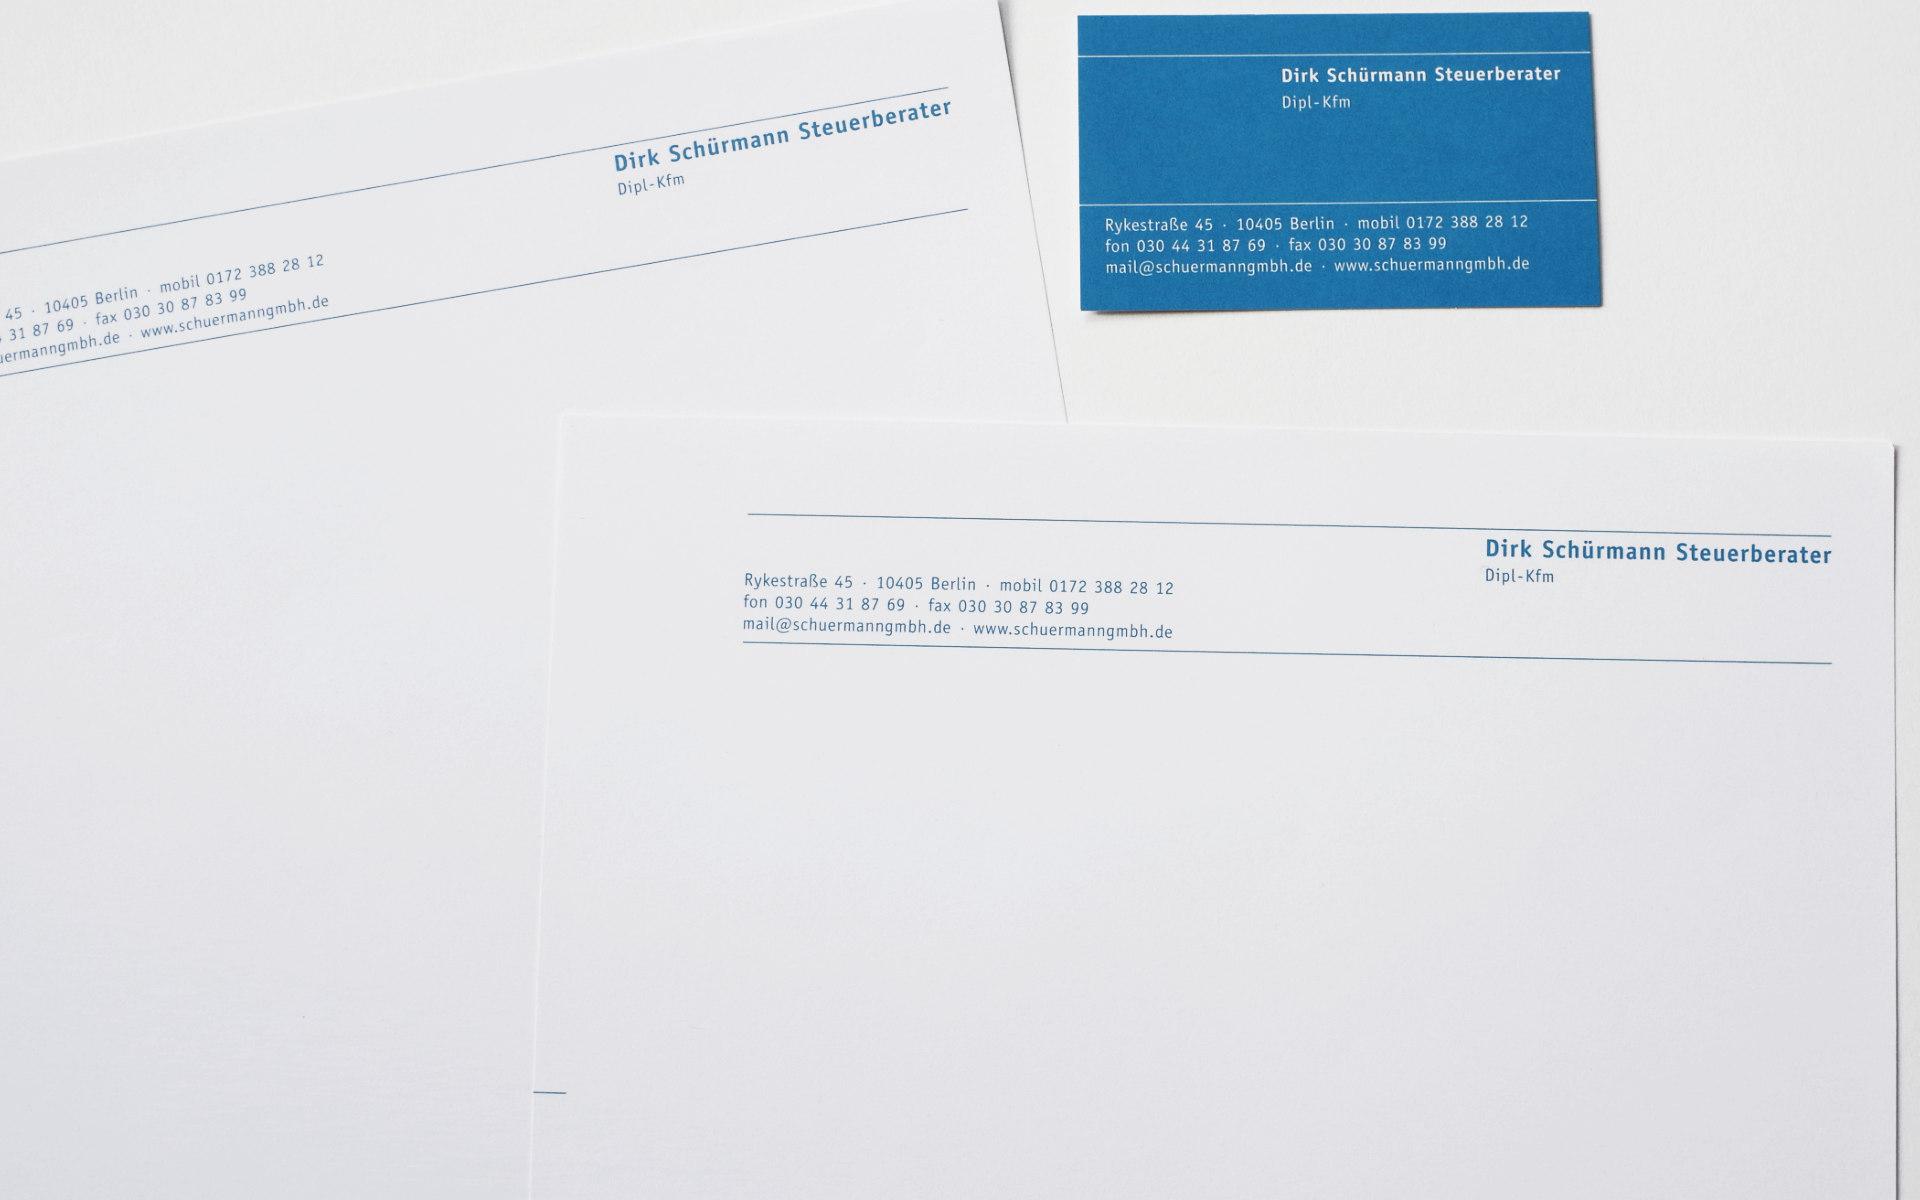 Dirk Schuermann Steuerberater Geschaeftsausstattung Visitenkarten